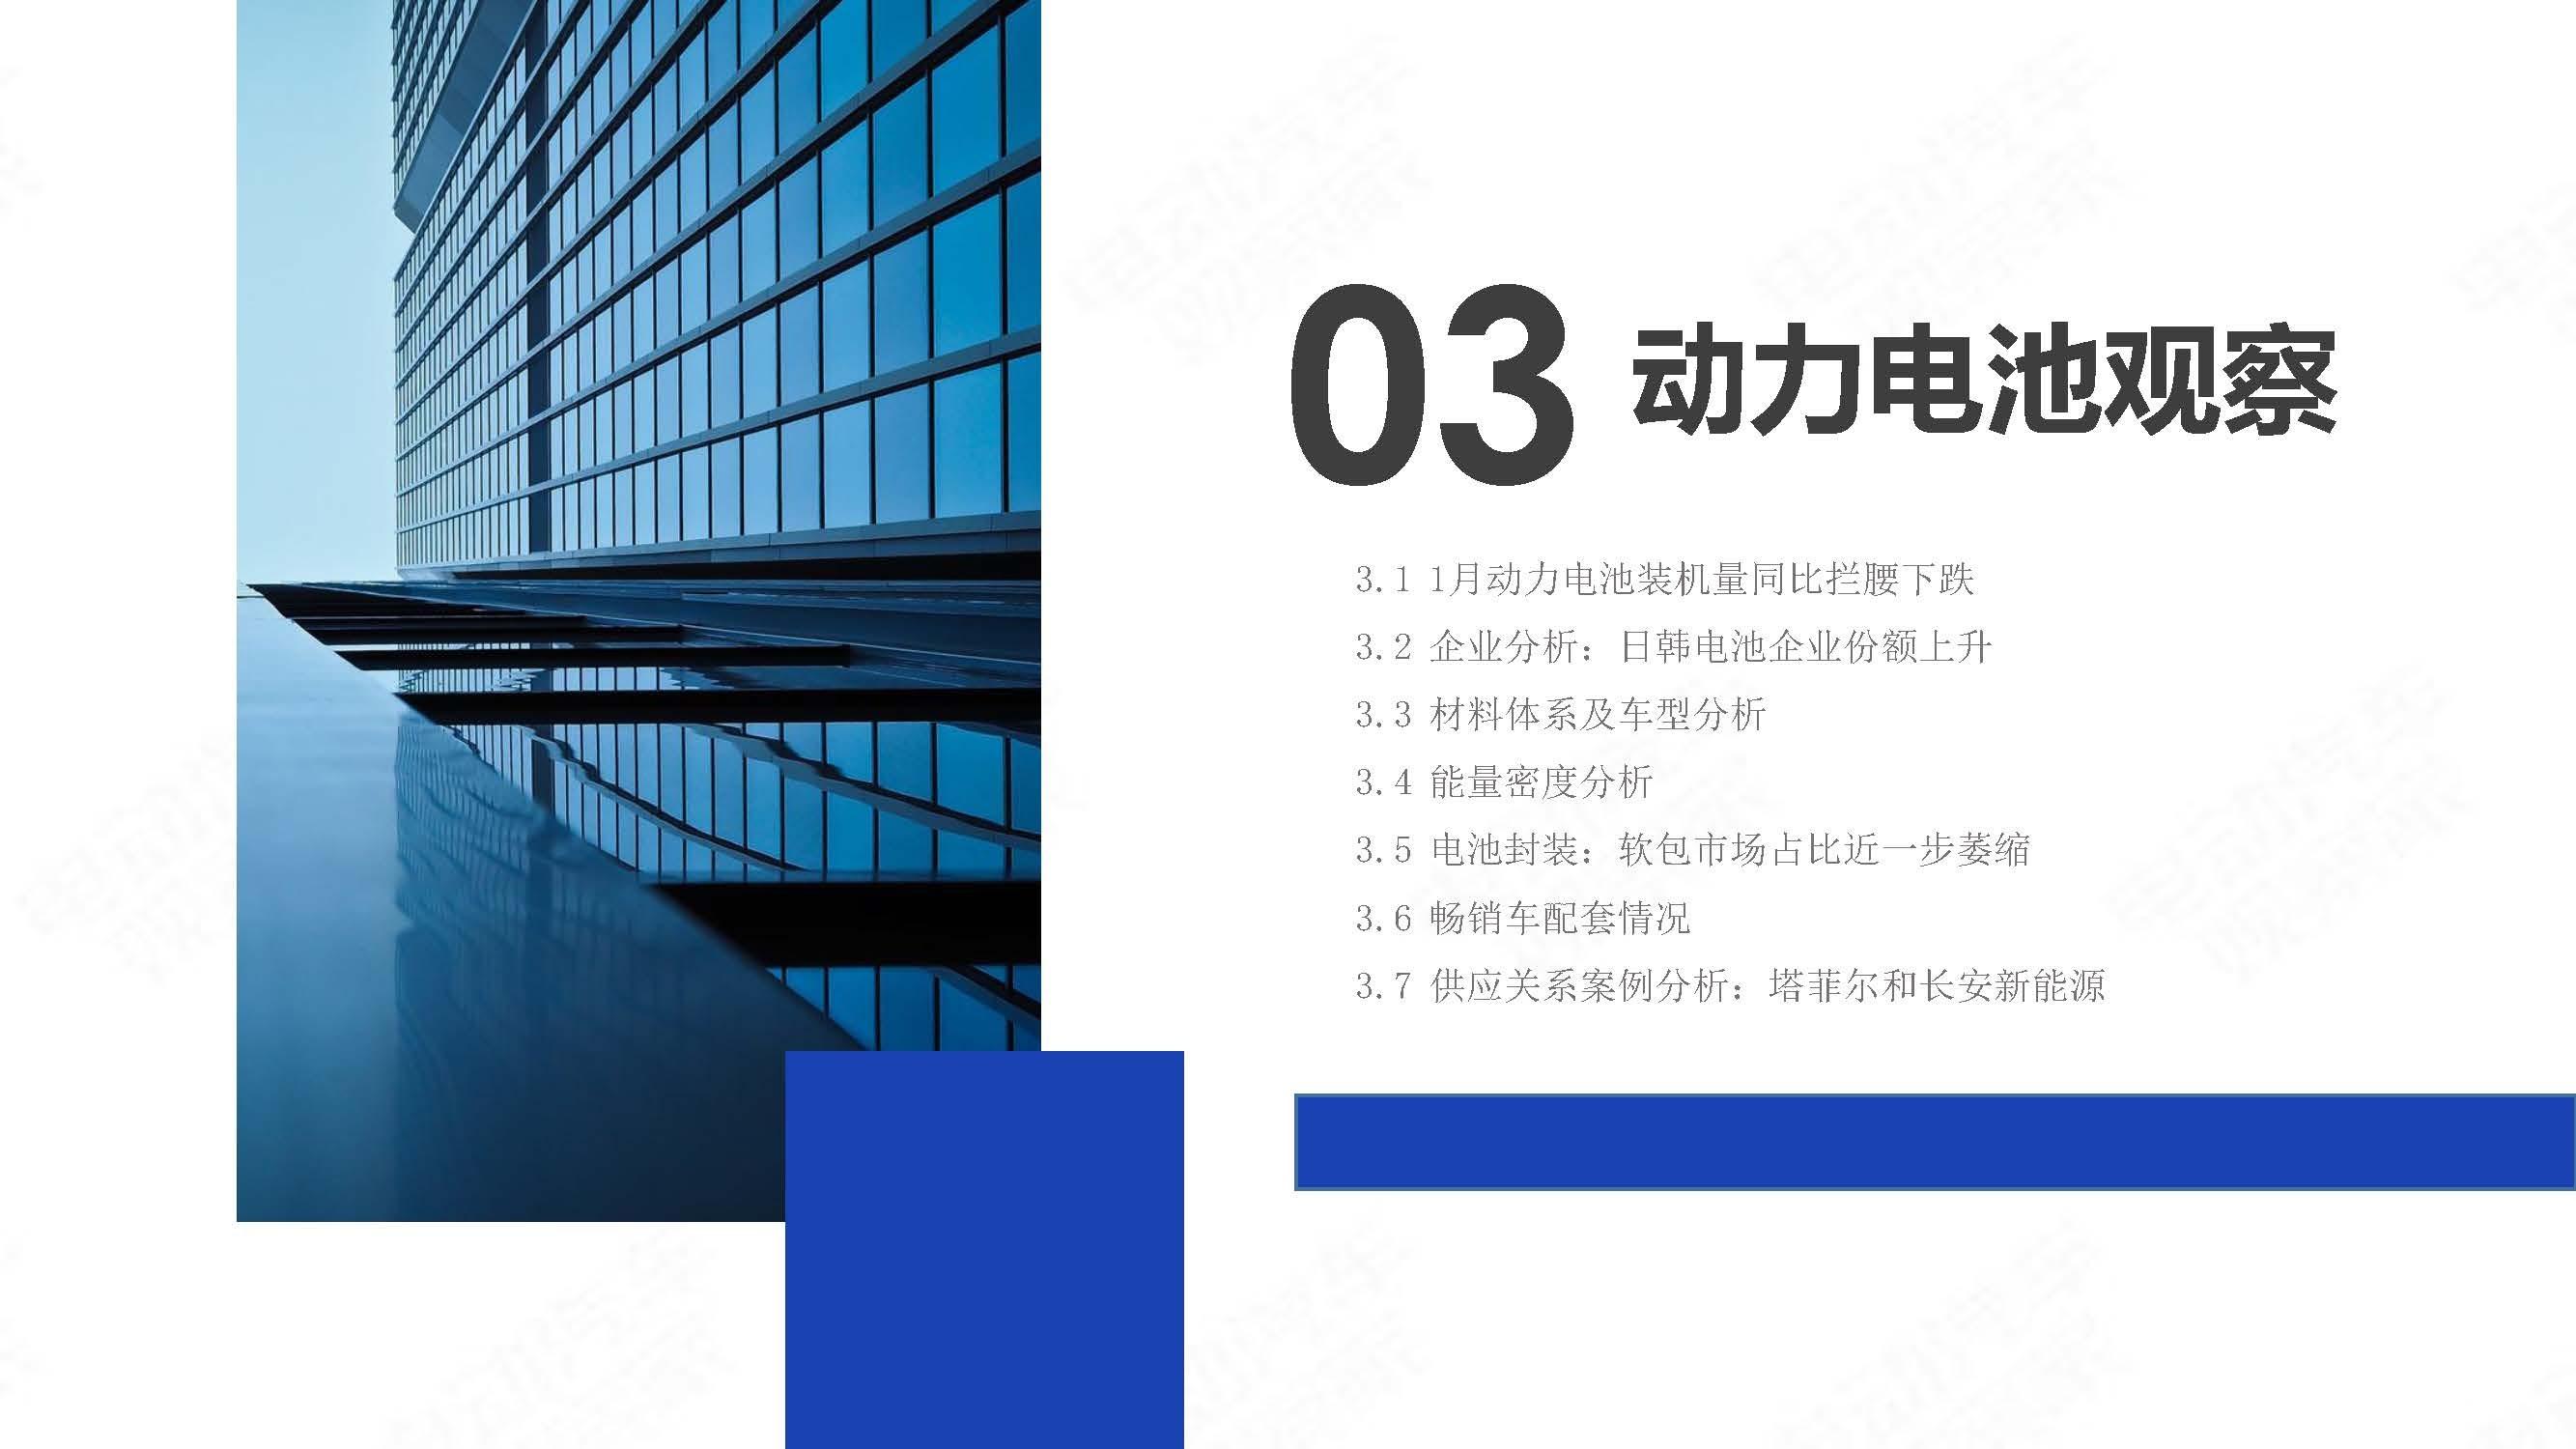 中国新能源汽车产业观察202001简略版_页面_17